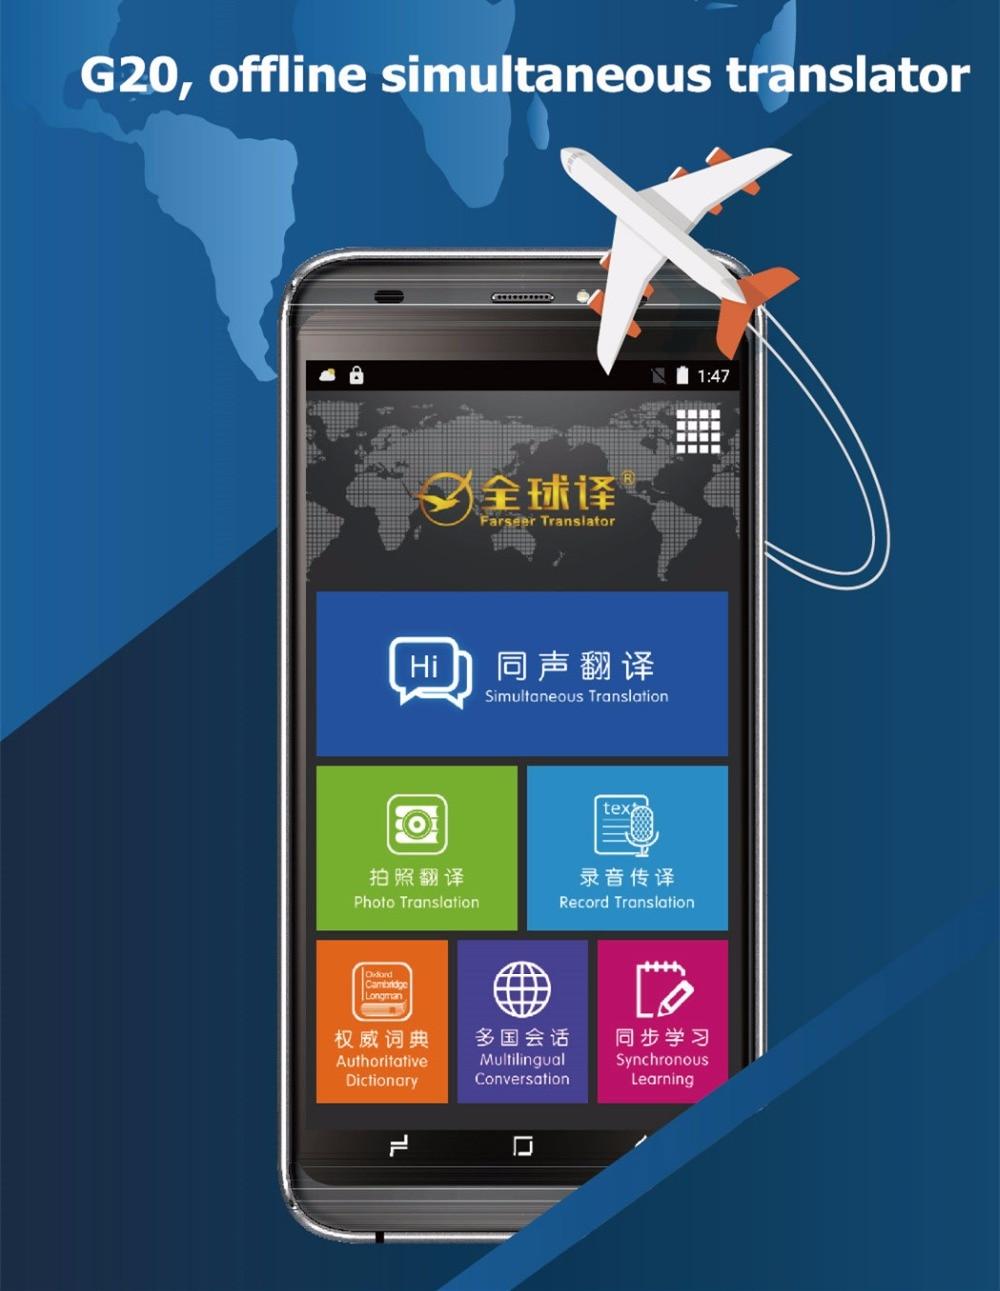 5 off-line G20 двусторонний синхронный переводчик Andioid 6,0 1 г/16 г с камерой bluetooth, Wi-Fi словарь четырехъядерный процессор